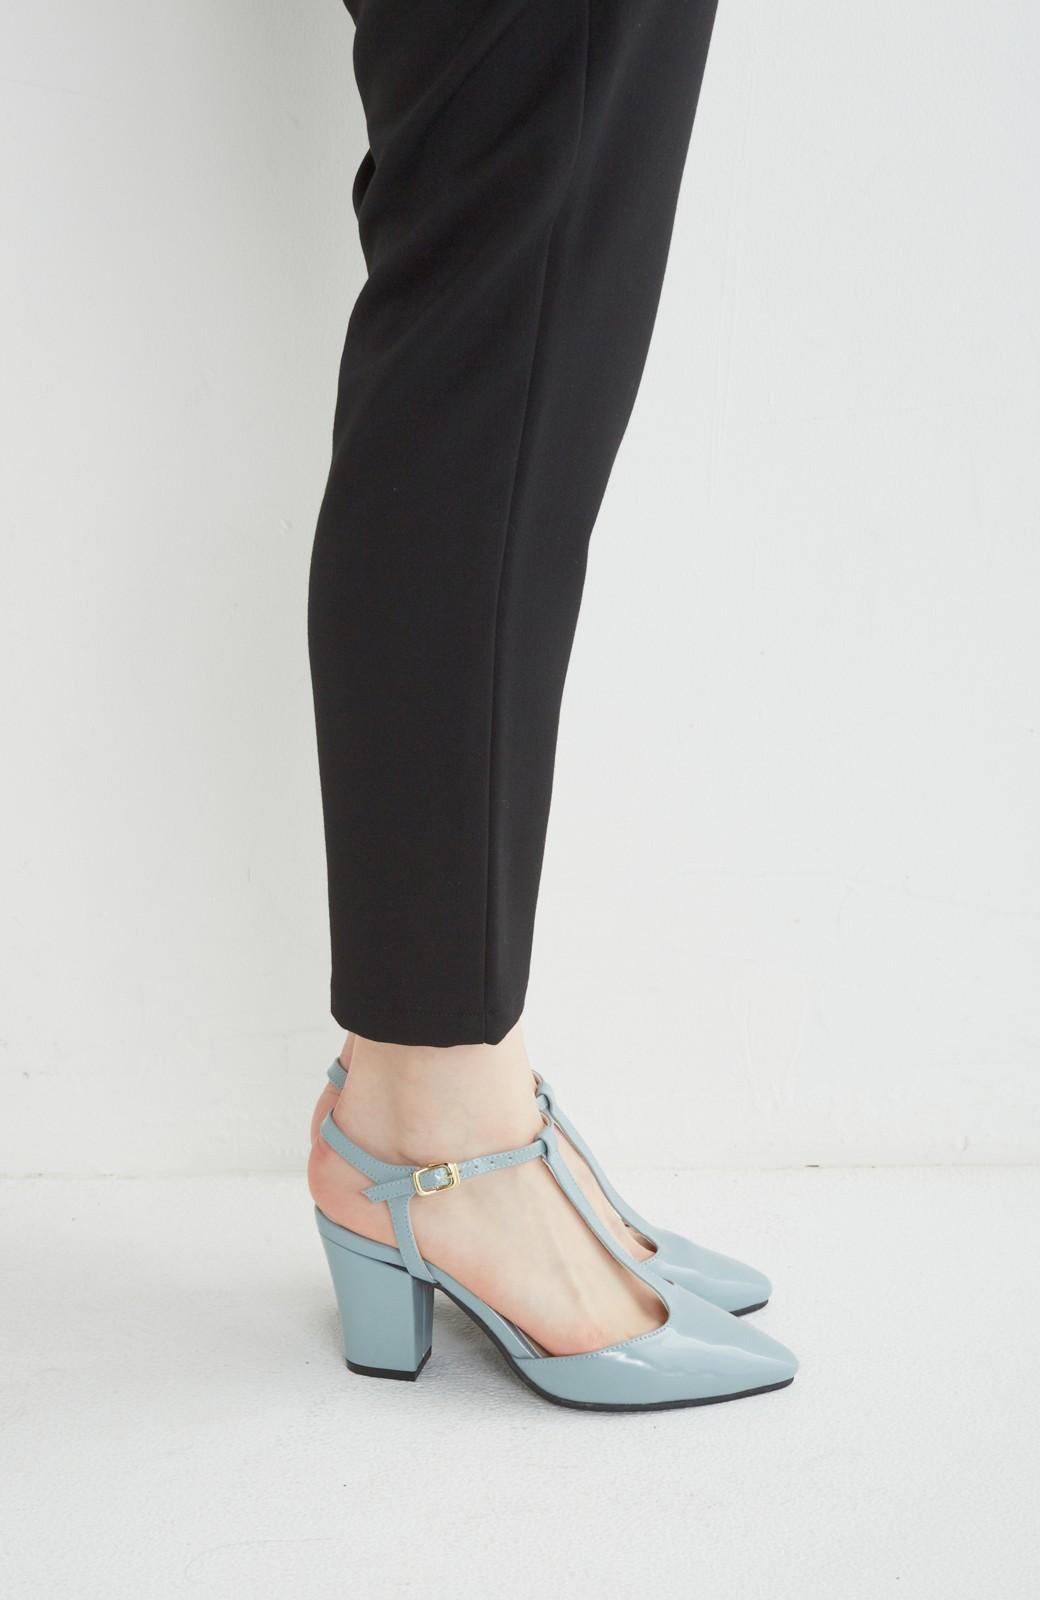 SHE THROUGH SEA おでかけの日に大切に履きたい、Tストラップパンプス <グレイッシュブルー>の商品写真3